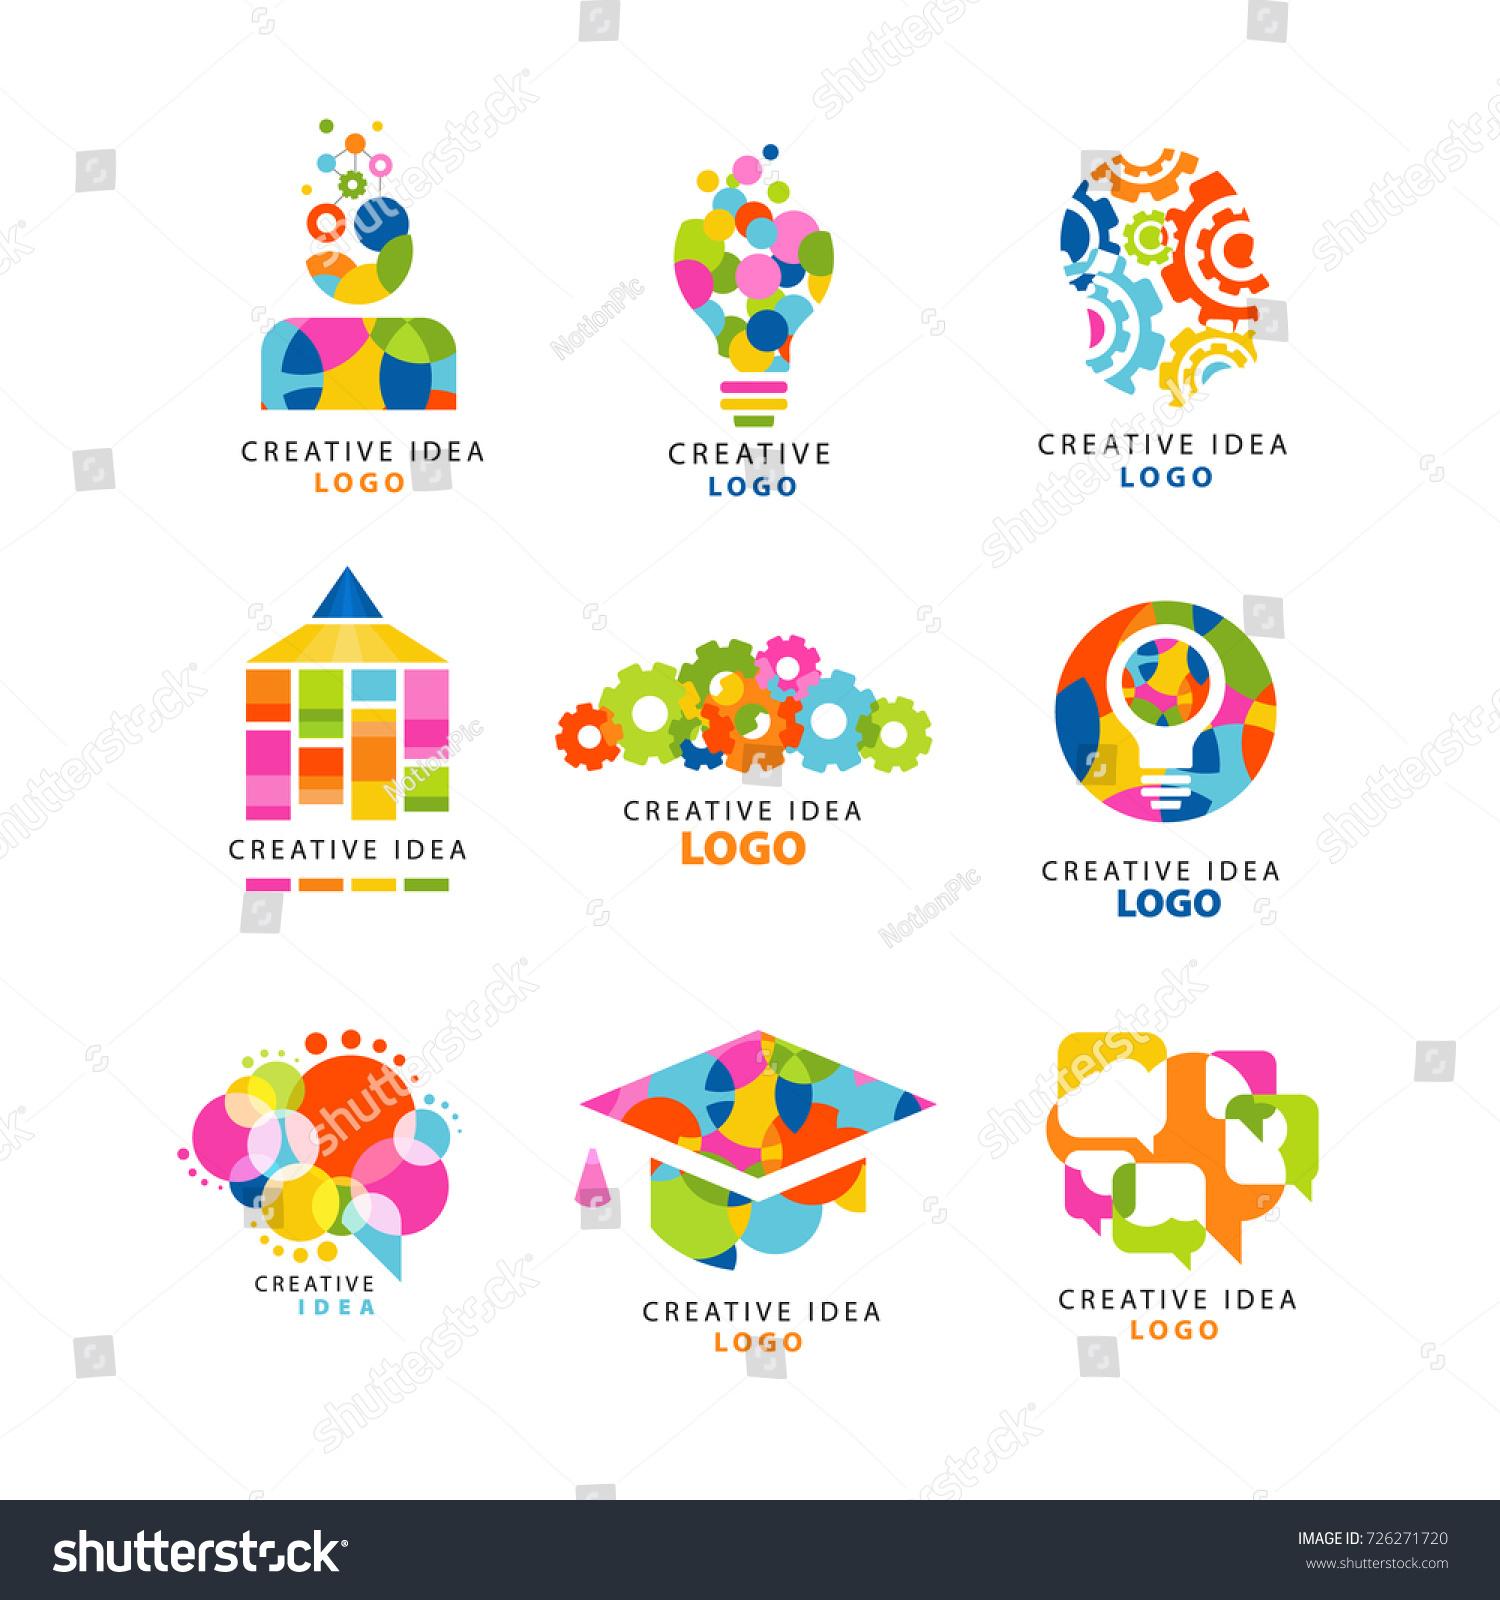 Creative Idea Logo Design Template Abstract Stock Vector 726271720 ...